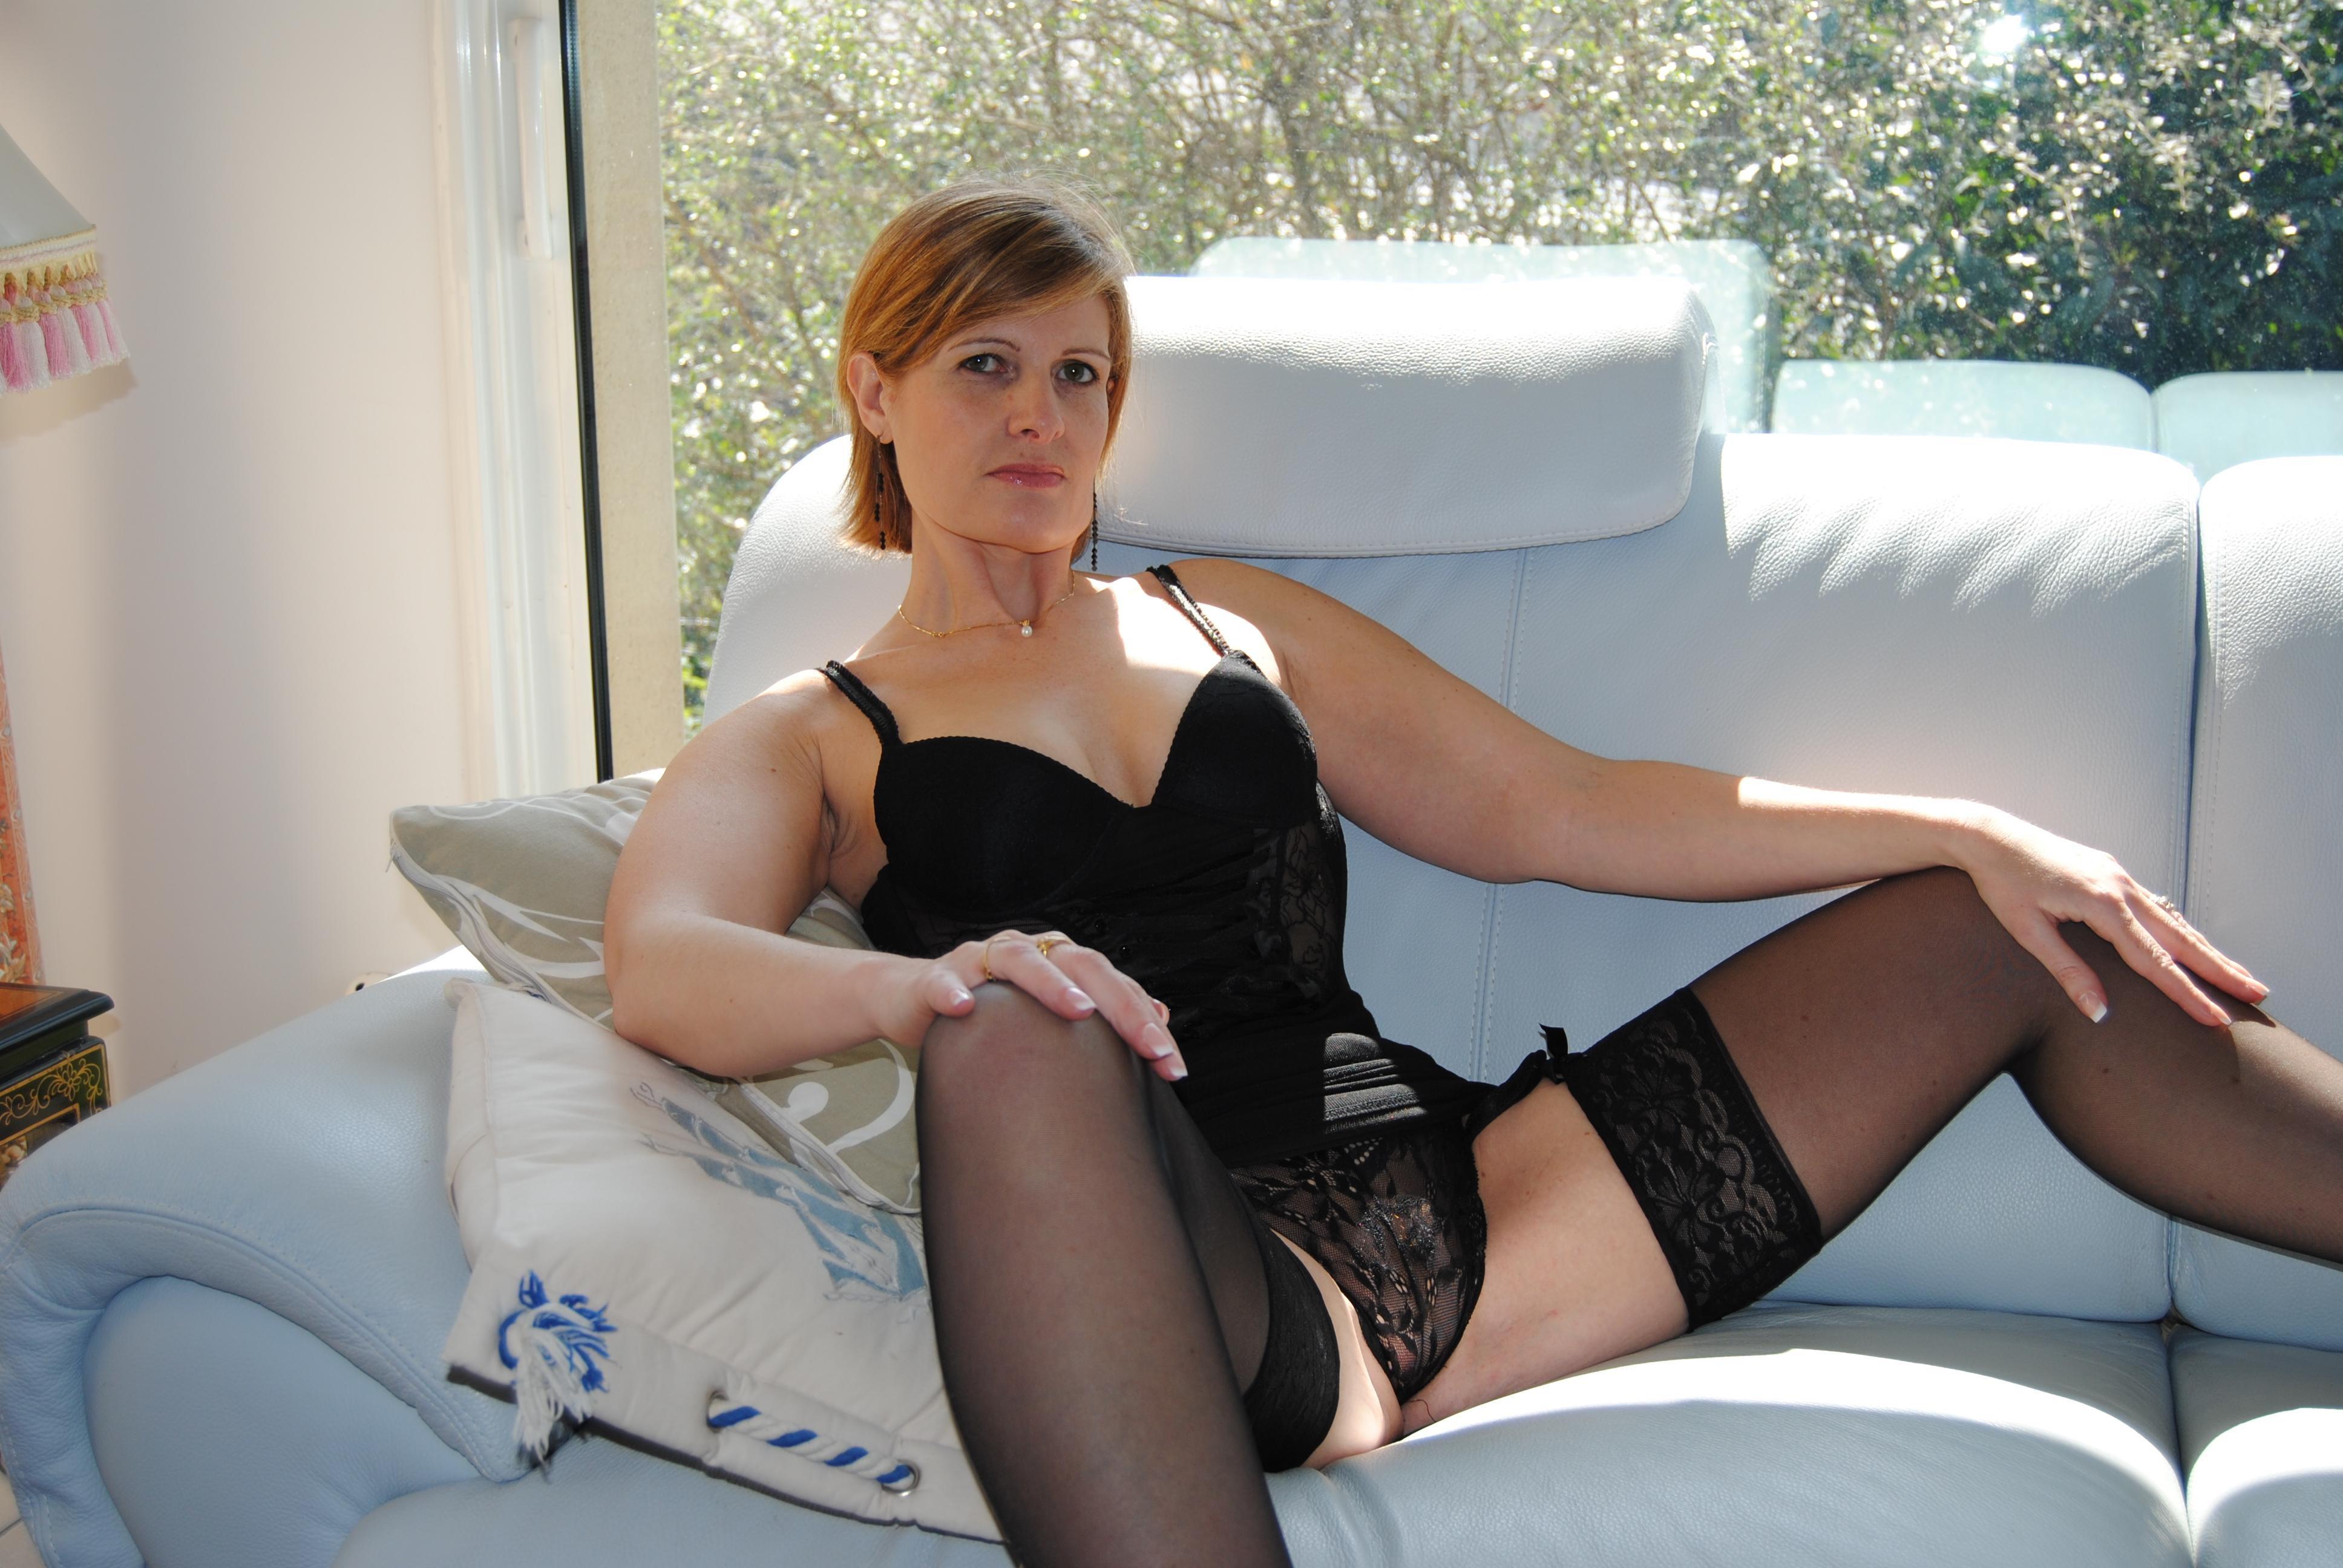 Орфея - зрелая французская порнозвезда